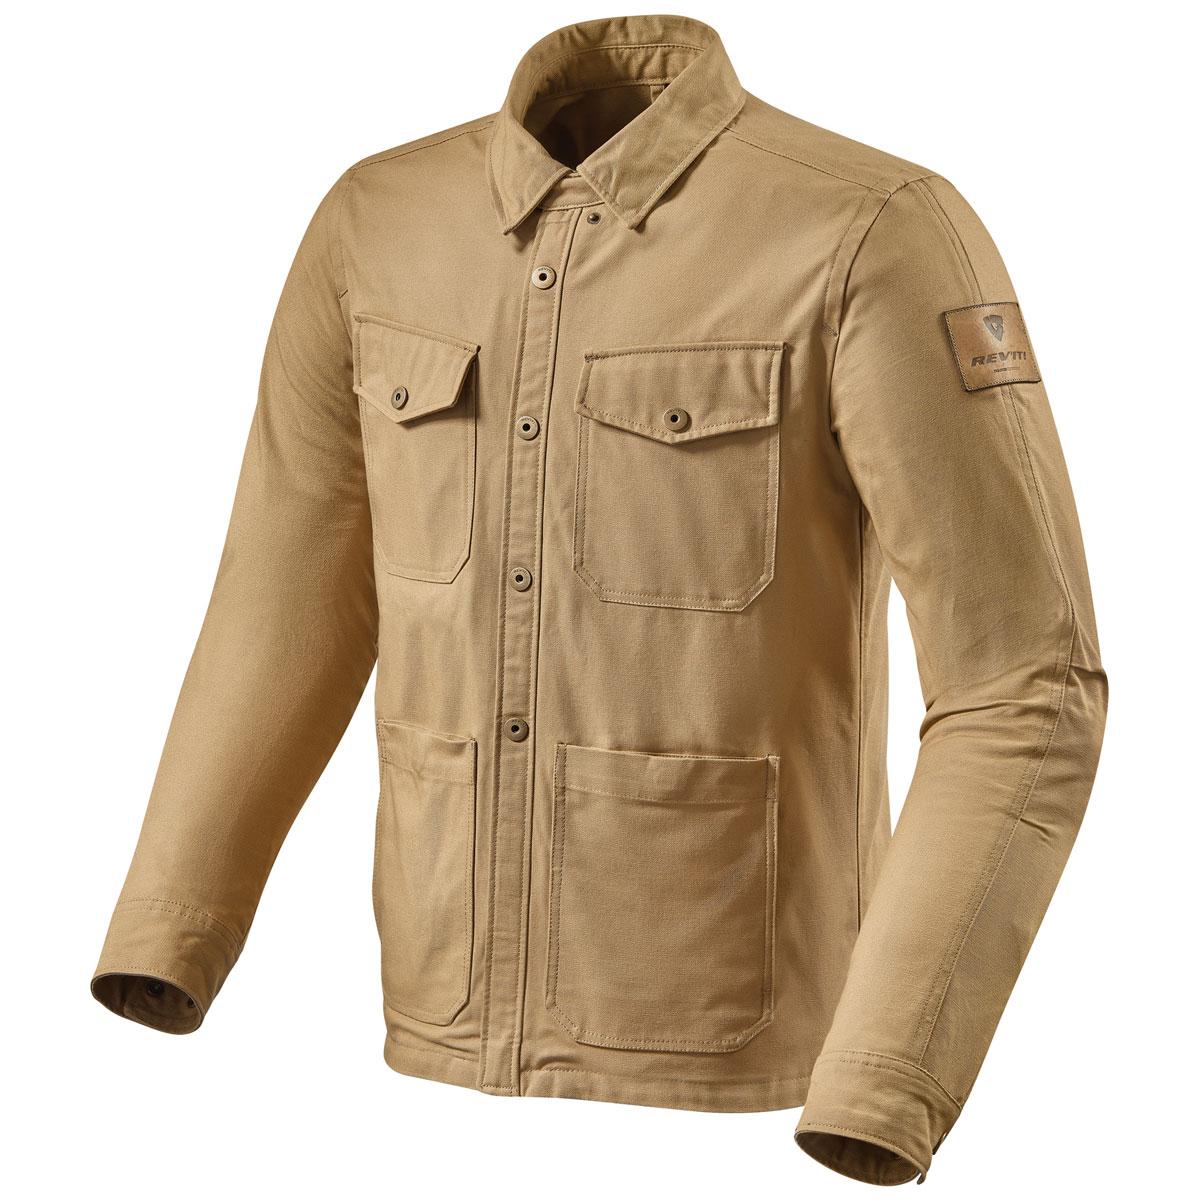 REV′IT! Men's Worker Sand Overshirt Jacket